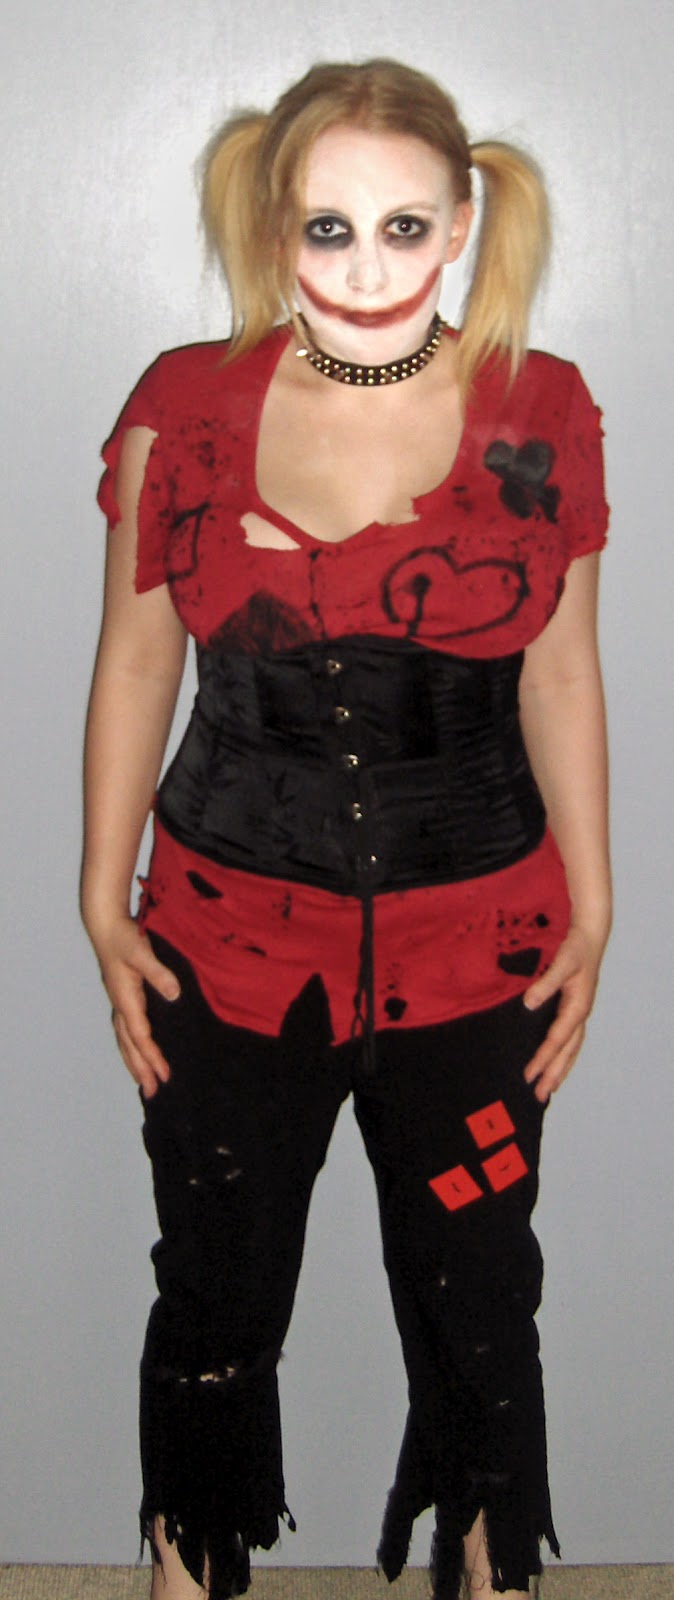 harley quin harley quinn costume. Black Bedroom Furniture Sets. Home Design Ideas